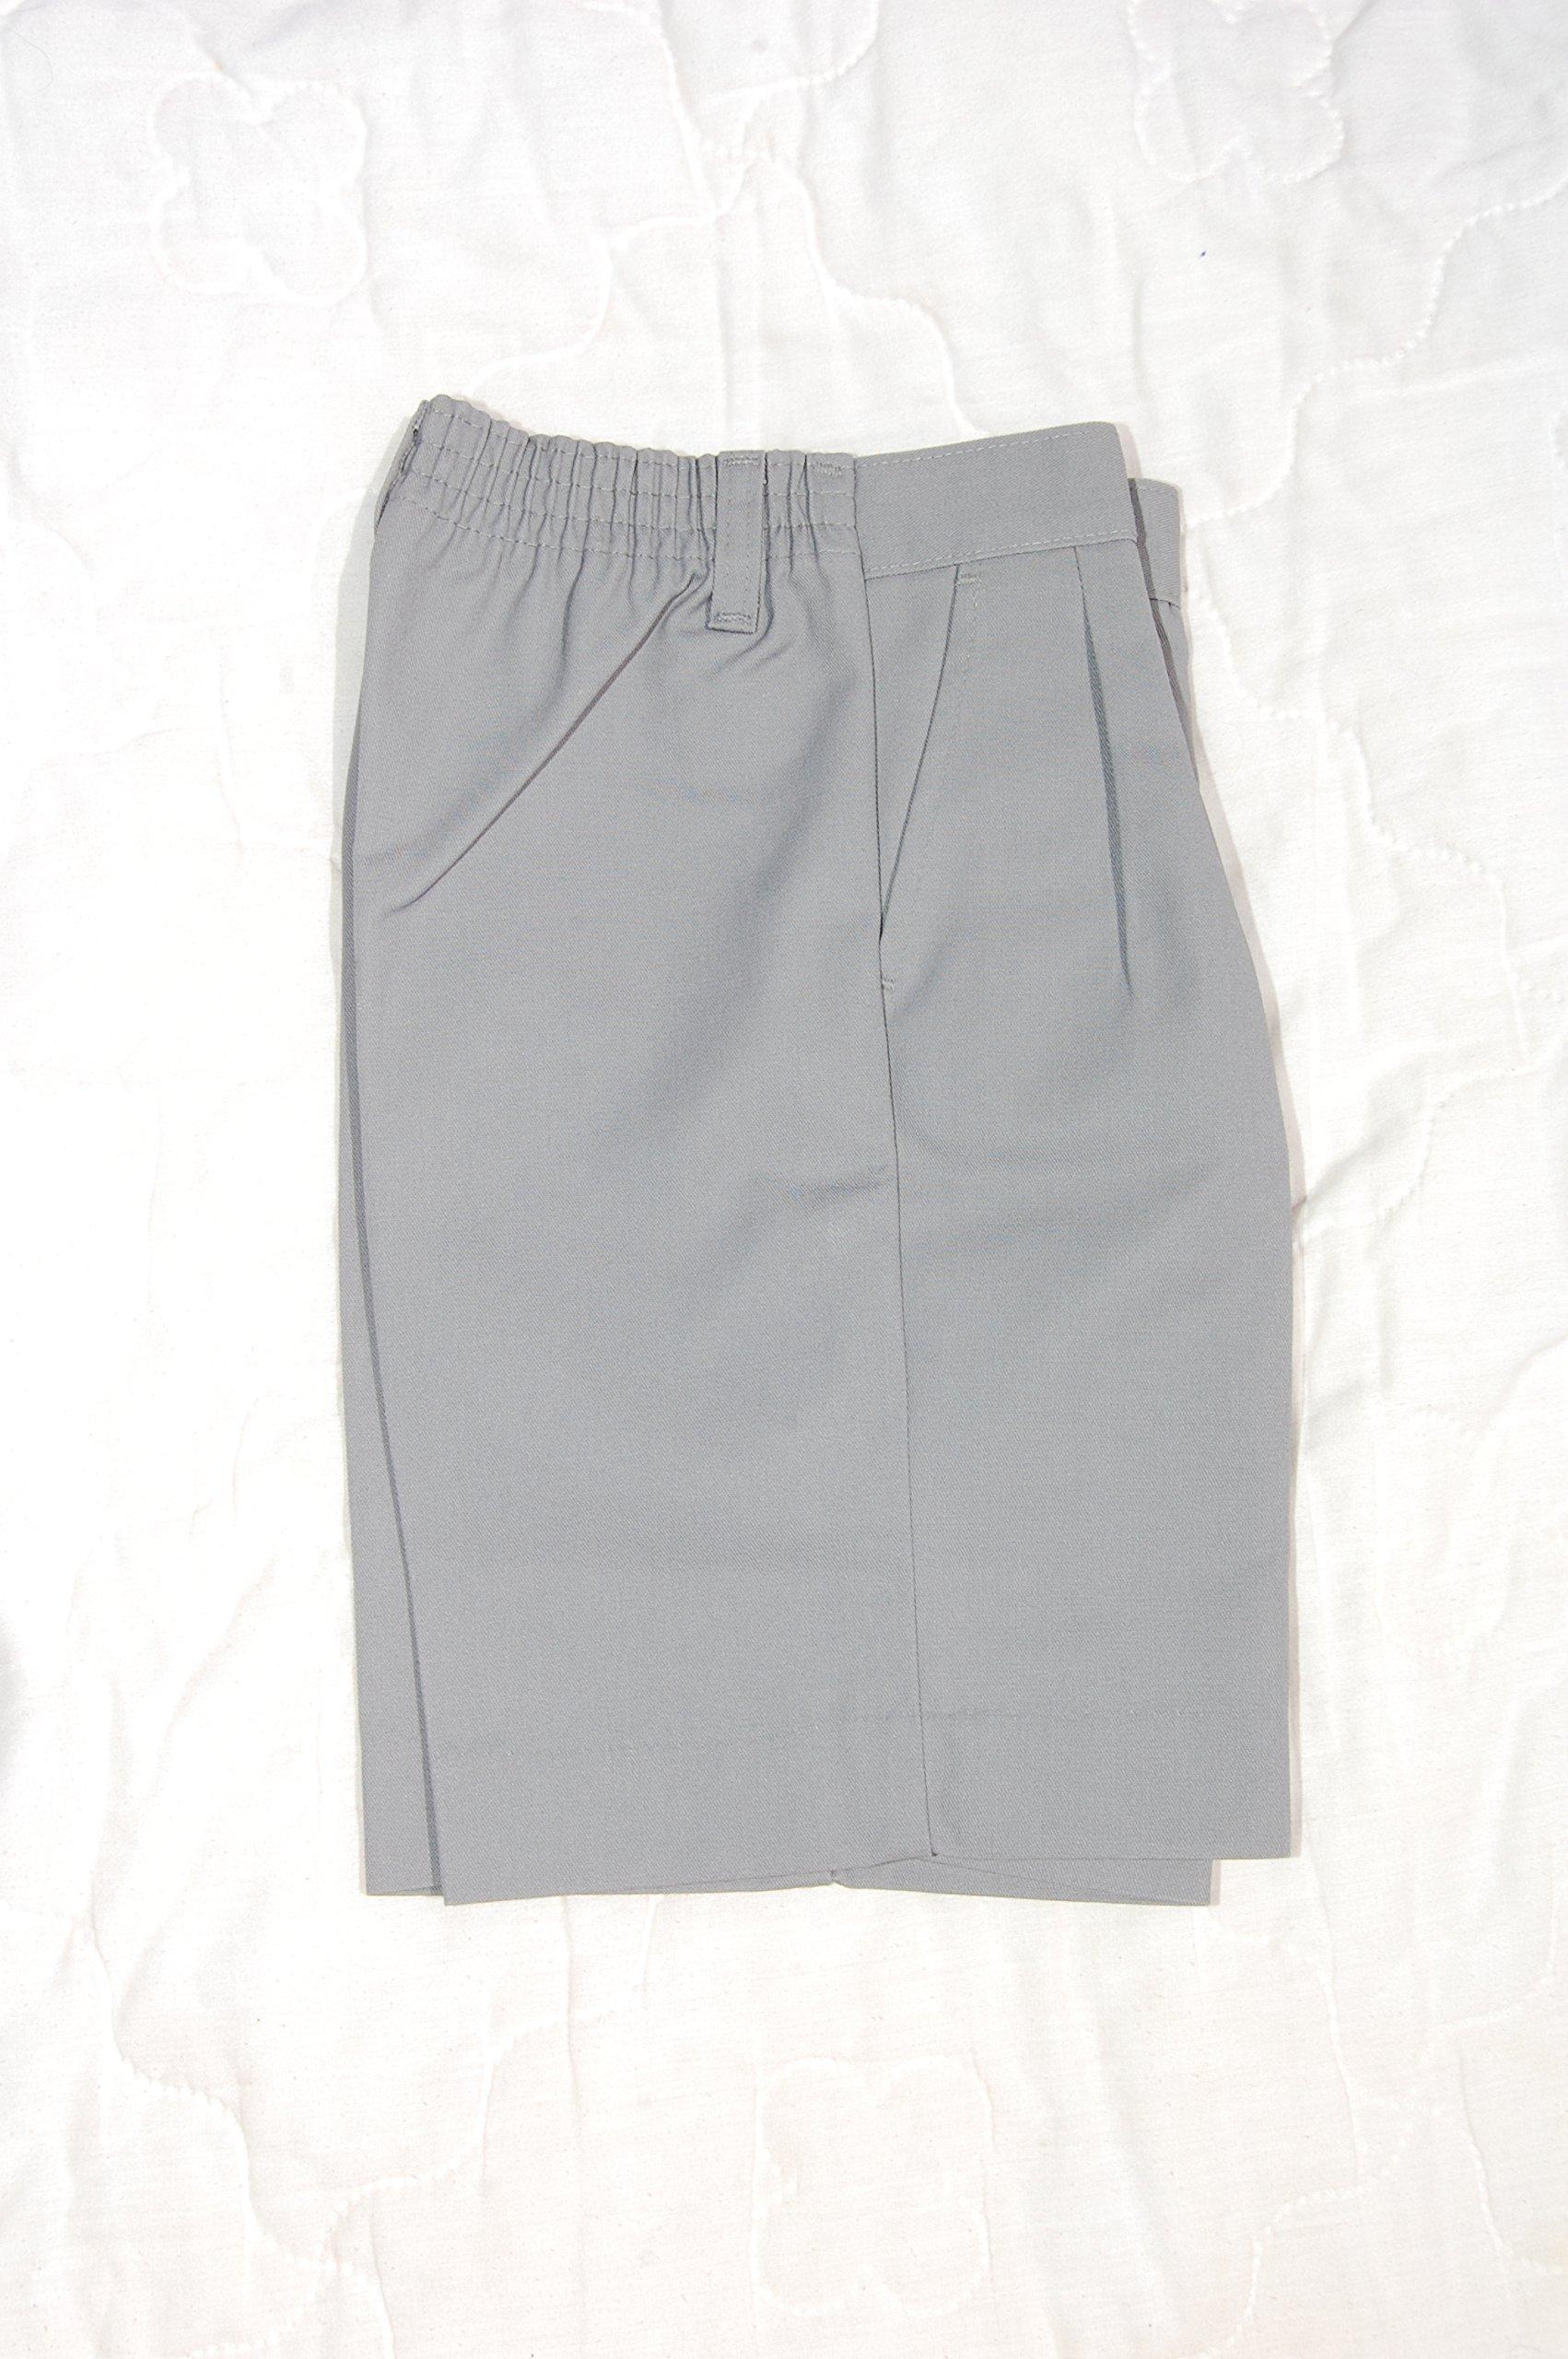 Elder Wear School Uniform Pleated Short (34)